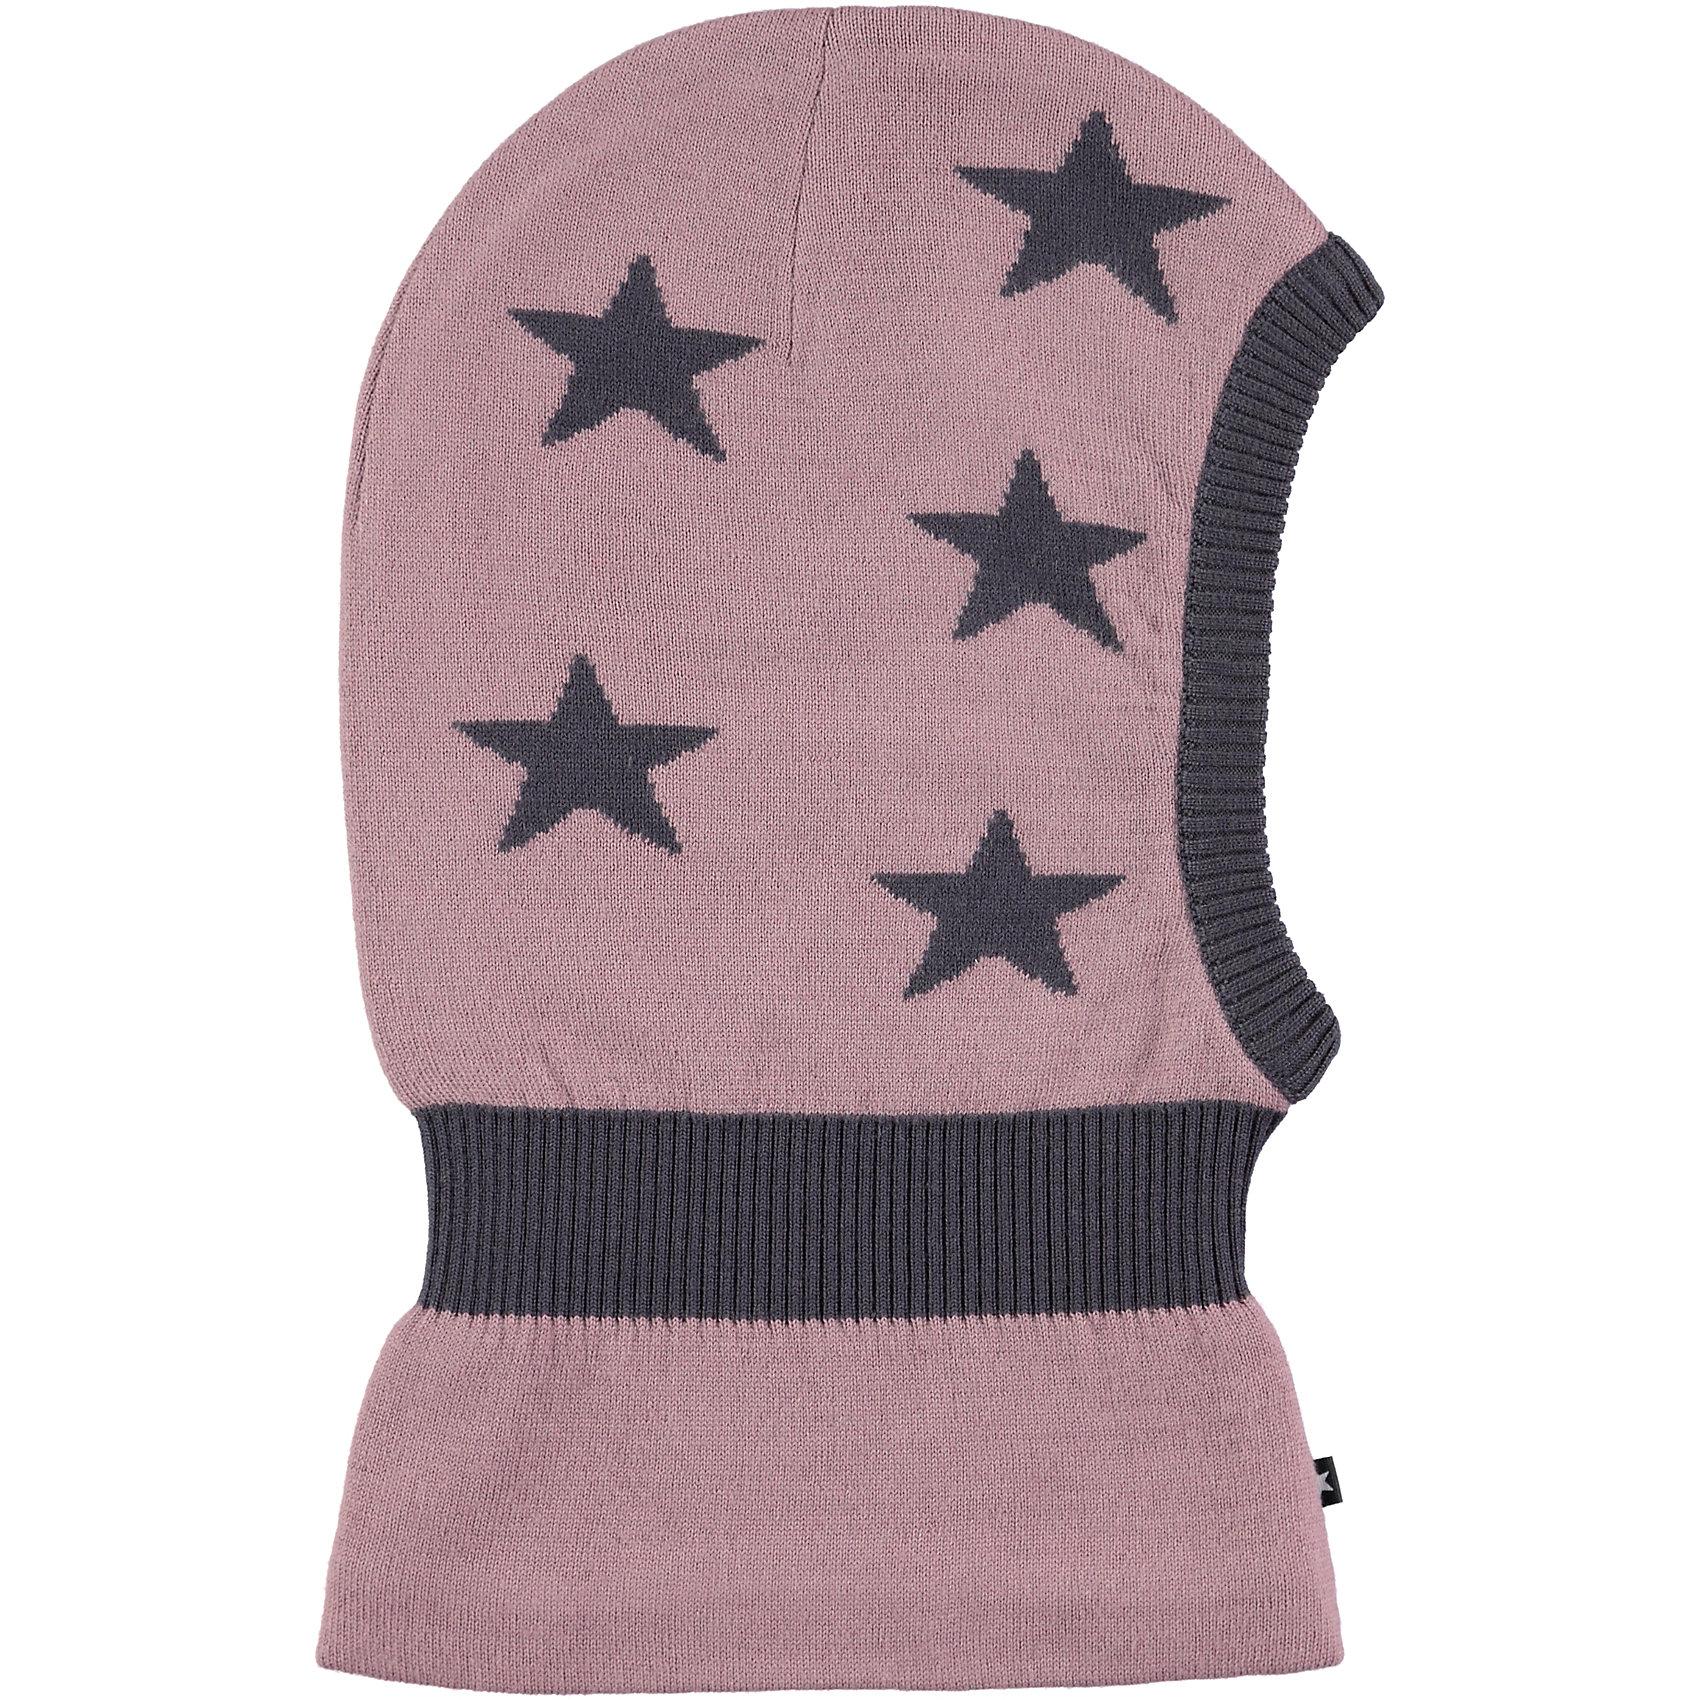 Шапка-шлем MOLO для девочкиГоловные уборы<br>Балаклава зимняя Molo отлично защищает от холода и ветра, изготовлена из высококачественных материалов не вызывающих аллергию, имеет дополнительный флисовый слой<br><br>Ширина мм: 89<br>Глубина мм: 117<br>Высота мм: 44<br>Вес г: 155<br>Цвет: лиловый<br>Возраст от месяцев: 72<br>Возраст до месяцев: 84<br>Пол: Женский<br>Возраст: Детский<br>Размер: 50-54,46-48<br>SKU: 6995323